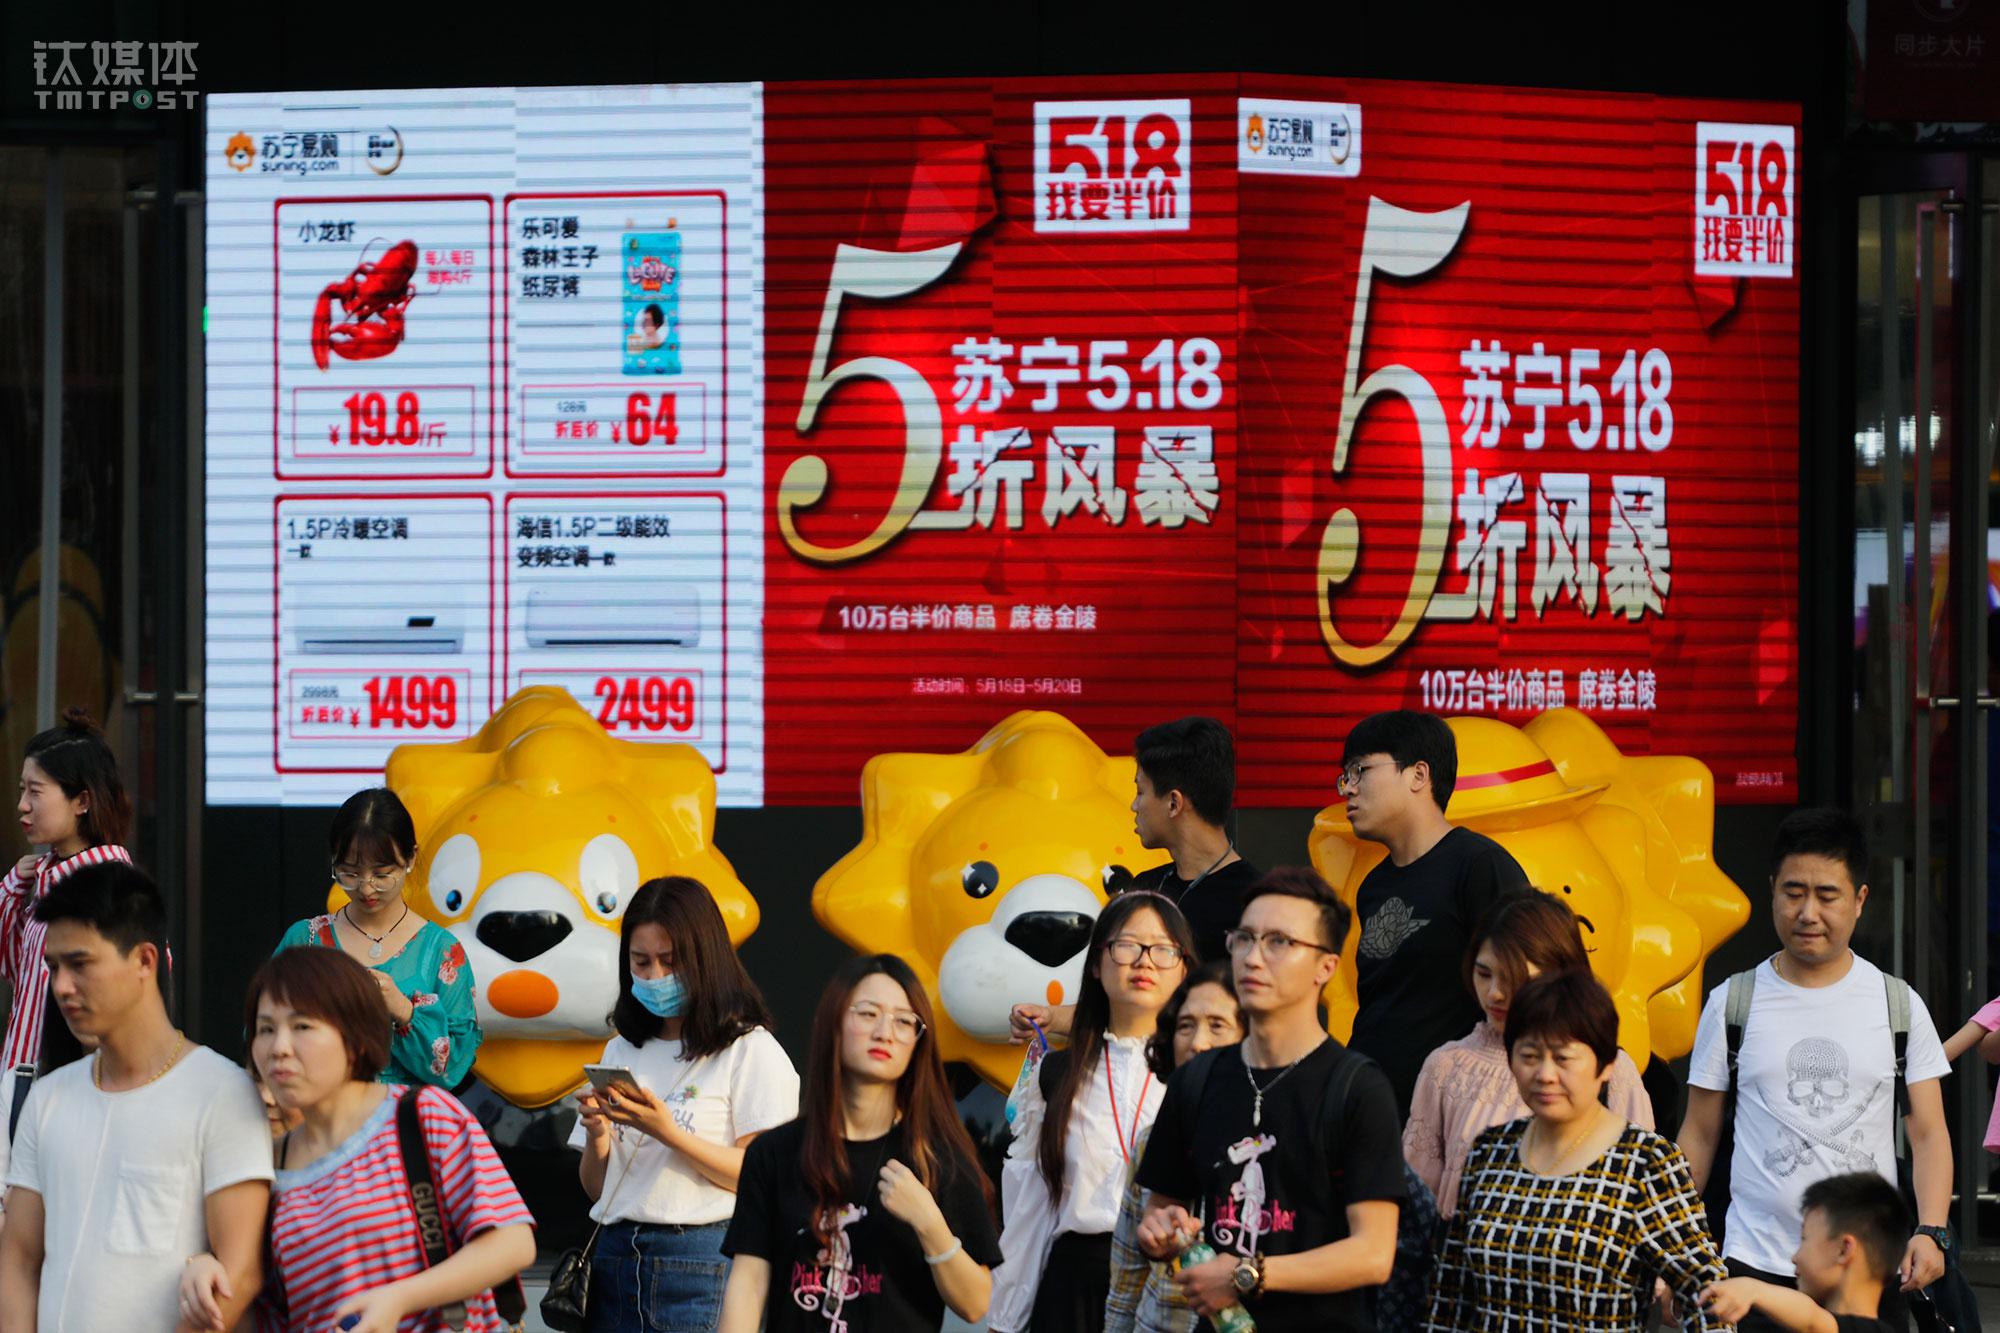 """5月13日,苏宁易购南京新街口店,屏幕上播放着""""5·18""""大促广告。这家店被苏宁成为云店3.0,里面设有家电卖场、家居馆、苏宁体育无人店、海鲜餐厅、苏宁影城、机器人咖啡店、苏宁极物等,是苏宁""""智慧零售""""的标杆店。"""